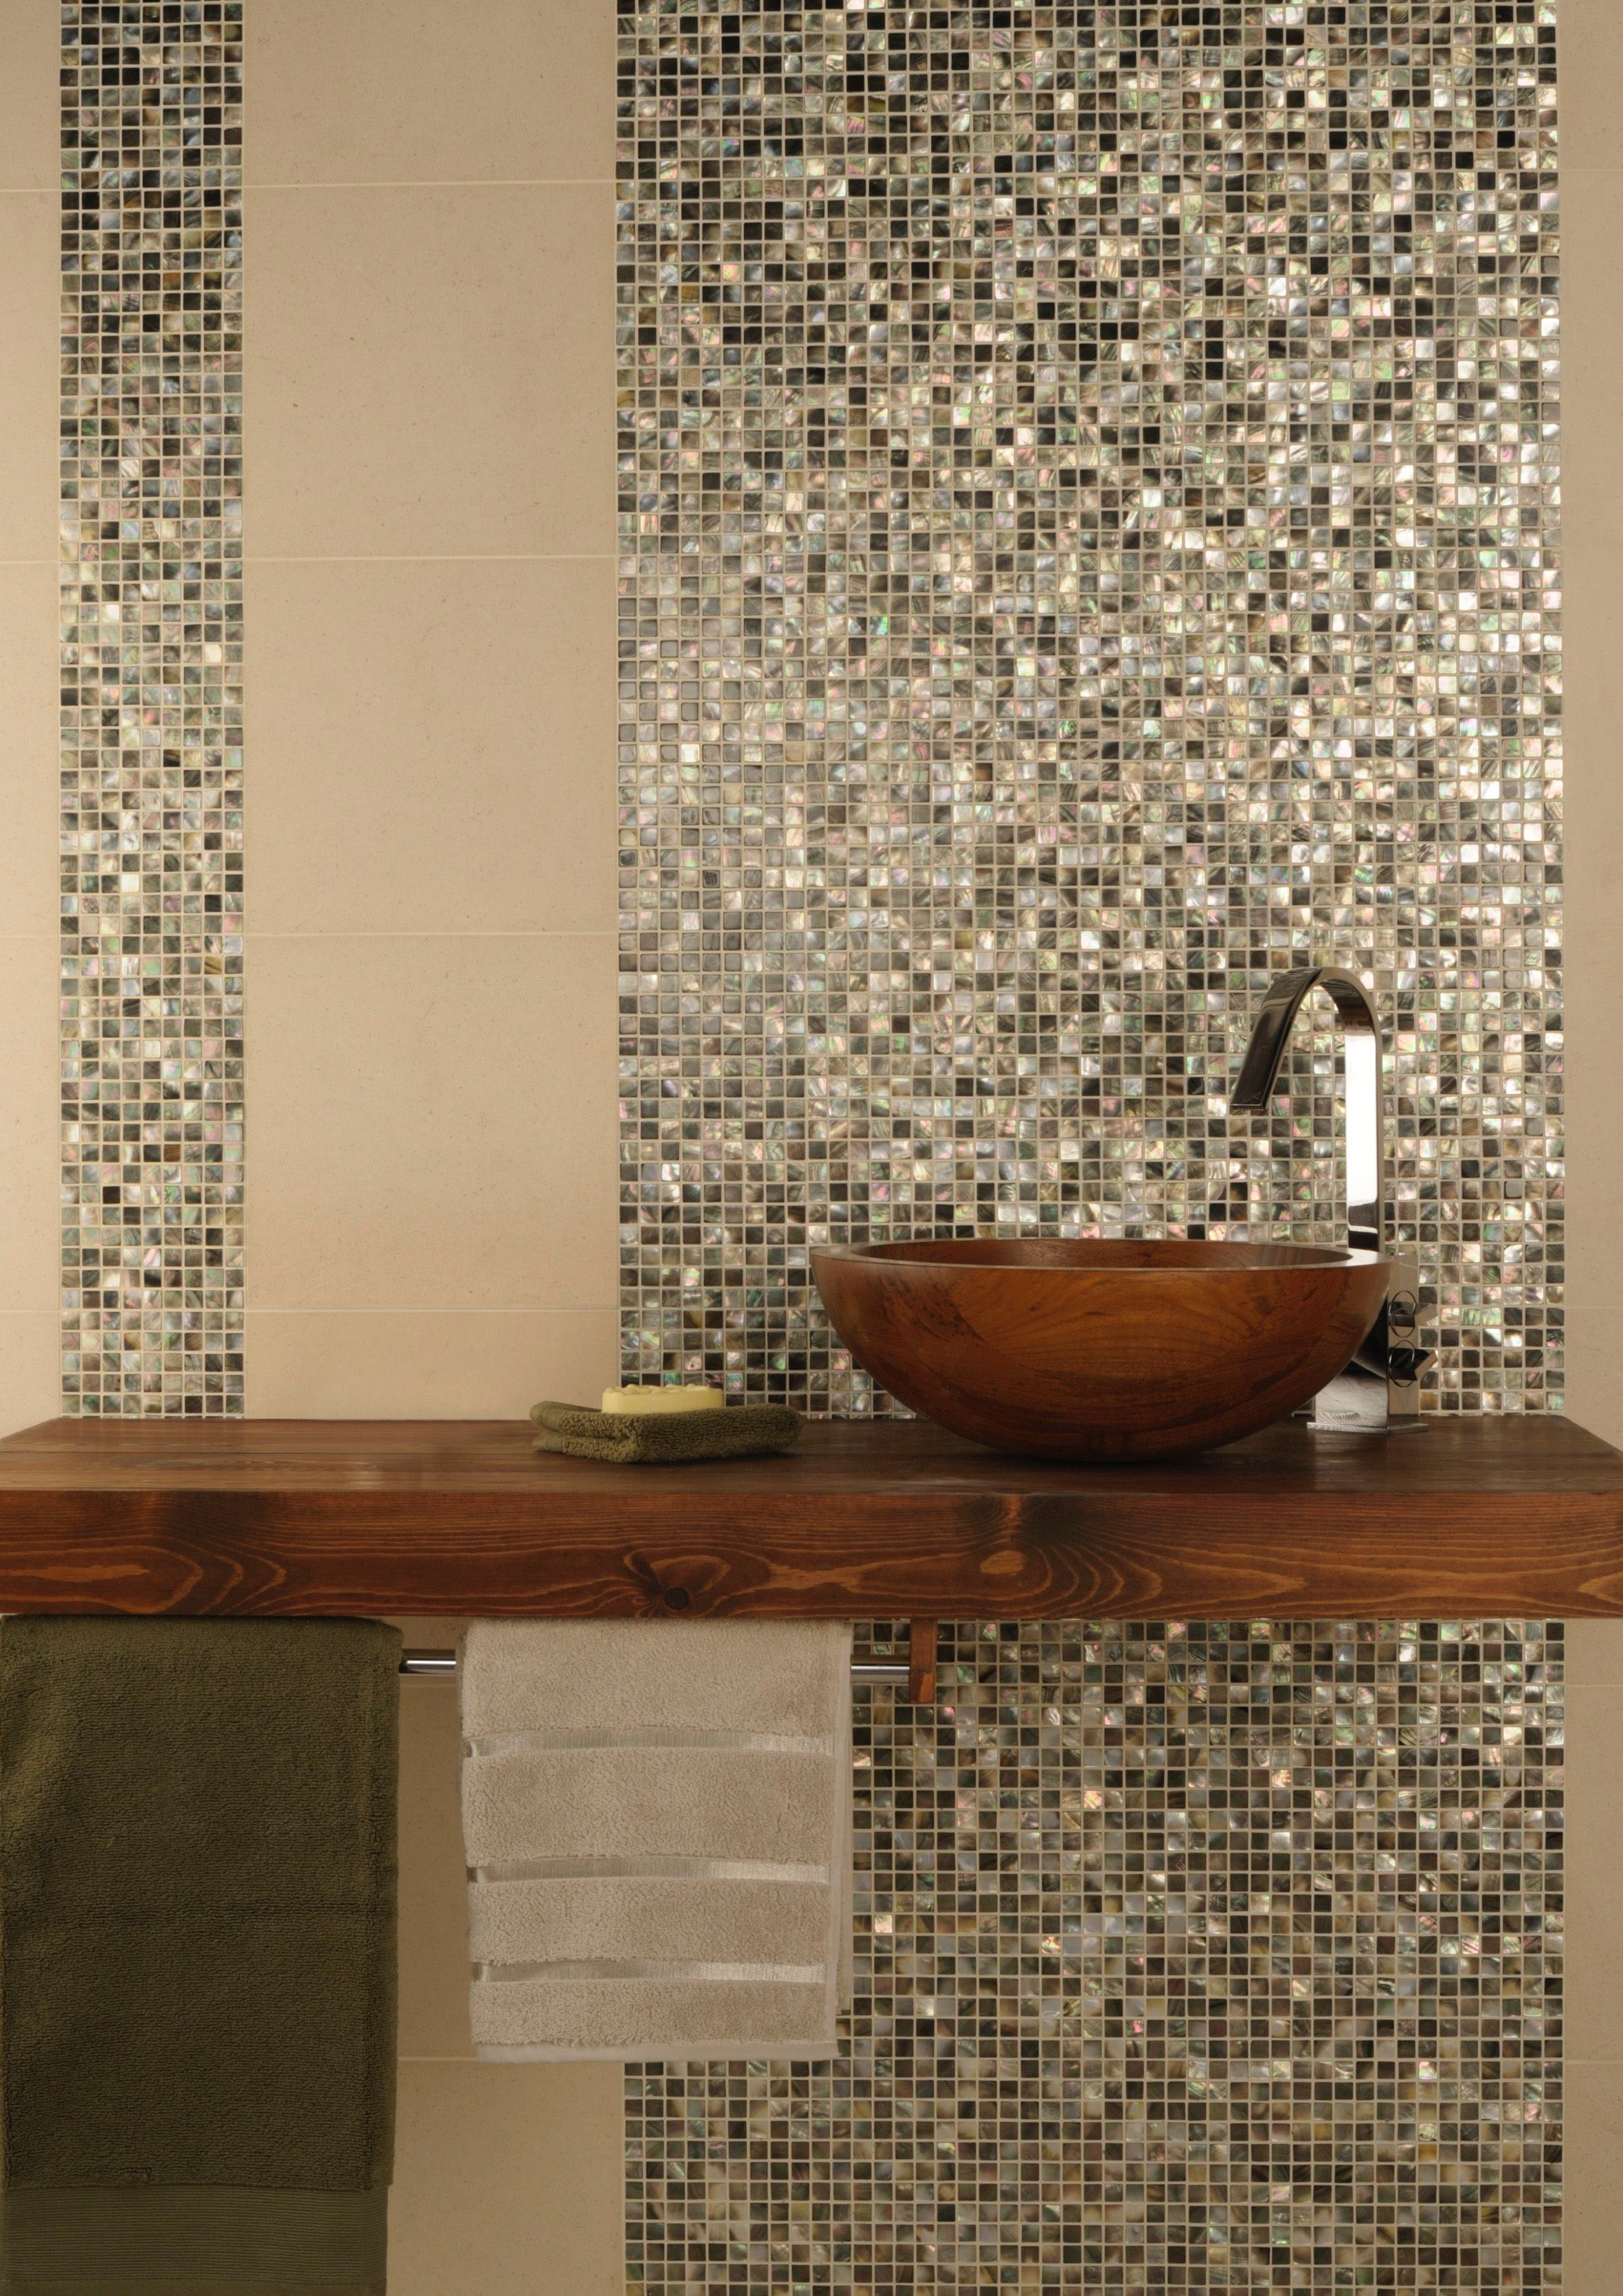 Original Style_Mosaics_GW-PARMOS Mother of Pearl no mirror -.jpg